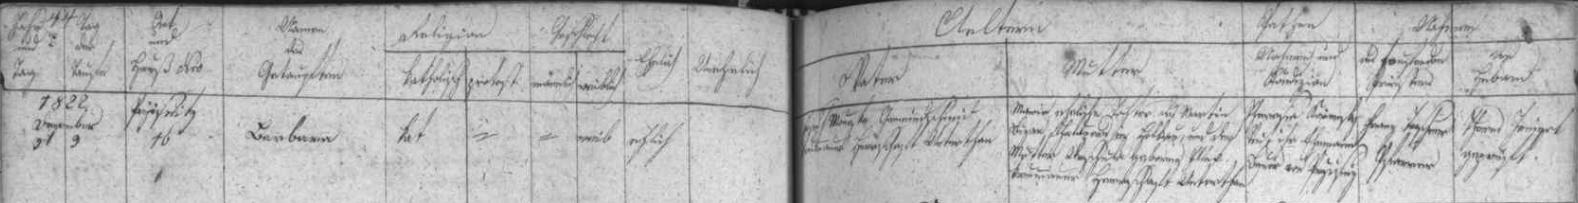 Záznam zlatokorunské křestní matriky o narození jeho babičky z matčiny strany svědčí o tom, že otec Barbary, roz. Mouczkové, byl obecním kovářem v tehdy jazykově německé Přísečné (Przisnitz)